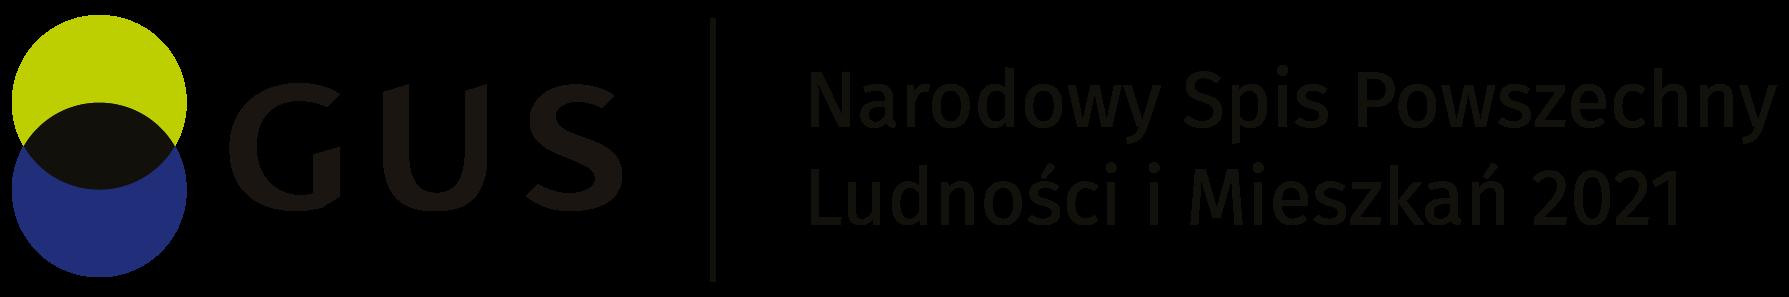 Logo Głównego Urzędu Statystycznego, napis Narodowy Spis Powszechny Ludności i Mieszkań 2021, kolor